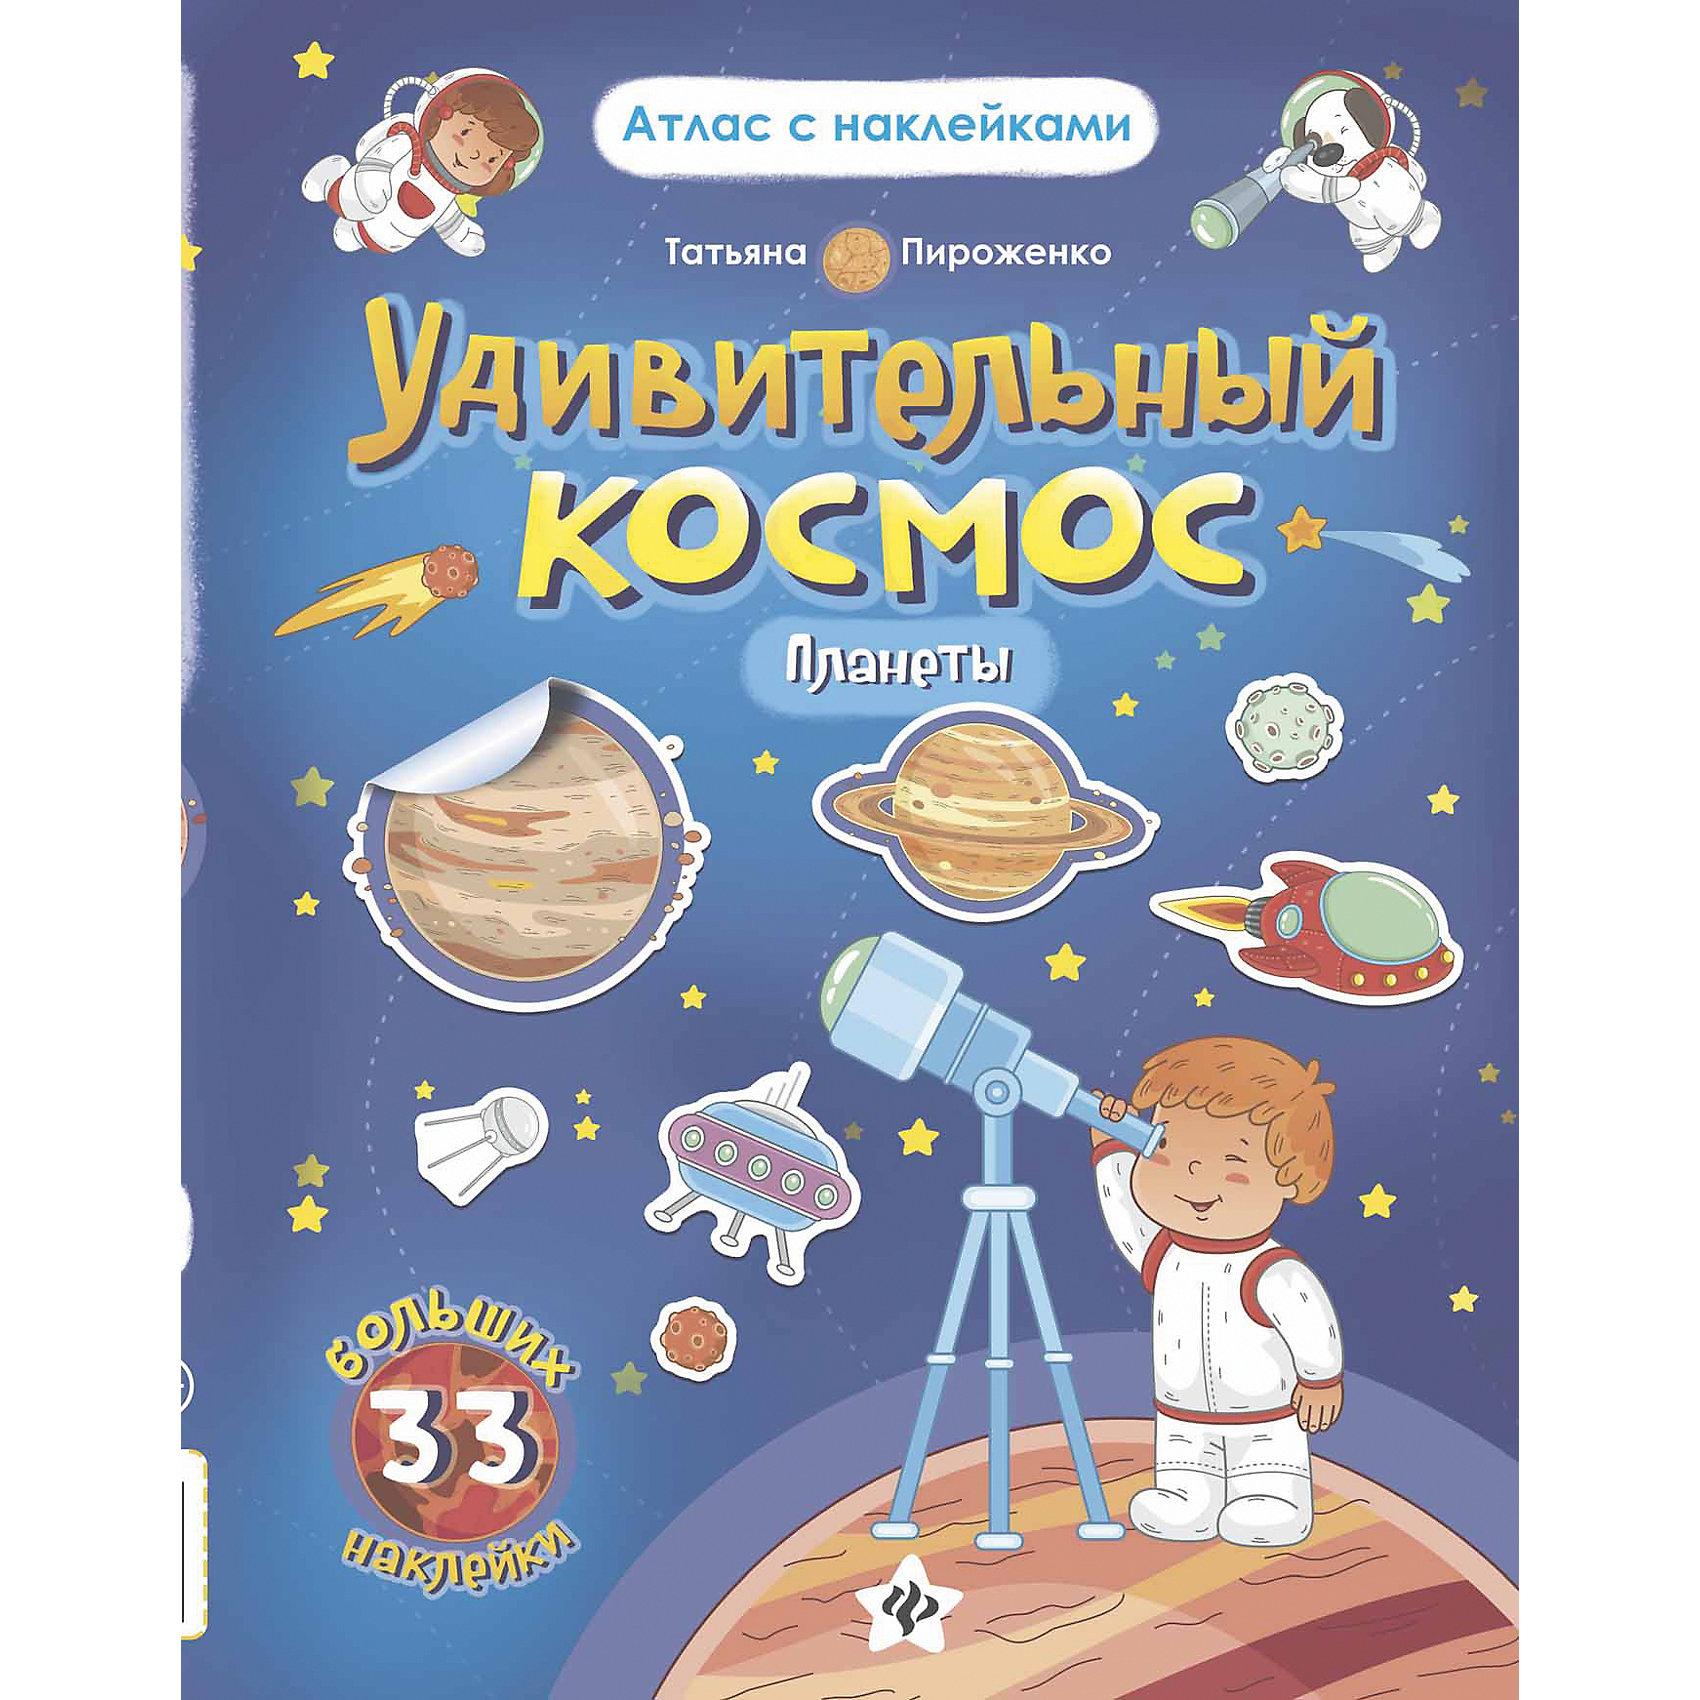 Книга-атлас Удивительный космос: планетыЭнциклопедии про космос<br>Книга-атлас Удивительный космос. Планеты<br><br>Характеристики: <br><br>• Кол-во страниц: 16<br>• ISBN: 9785222282205<br>• Возраст: 0+<br>• Обложка: мягкая<br>• Формат: а4<br><br>Эта замечательная книга-атлас содержит самые важные сведения о космосе и может быть очень интересна юному исследователю. Знакомясь с этим атласом, ребенок сможет узнать много нового о солнечной системе - какая планета самая горячая, а какая - холодная, из чего сделаны кольца Сатурна и есть ли жизнь на Марсе. В книге так же содержатся яркие наклейки, пользуясь которыми ребенок сможет проверить свои знания и присвоить планетам медали, например, самая большая планета или самая ветреная планета.<br><br>Книга-атлас Удивительный космос. Планеты можно купить в нашем интернет-магазине.<br><br>Ширина мм: 285<br>Глубина мм: 216<br>Высота мм: 20<br>Вес г: 90<br>Возраст от месяцев: -2147483648<br>Возраст до месяцев: 2147483647<br>Пол: Унисекс<br>Возраст: Детский<br>SKU: 5464578